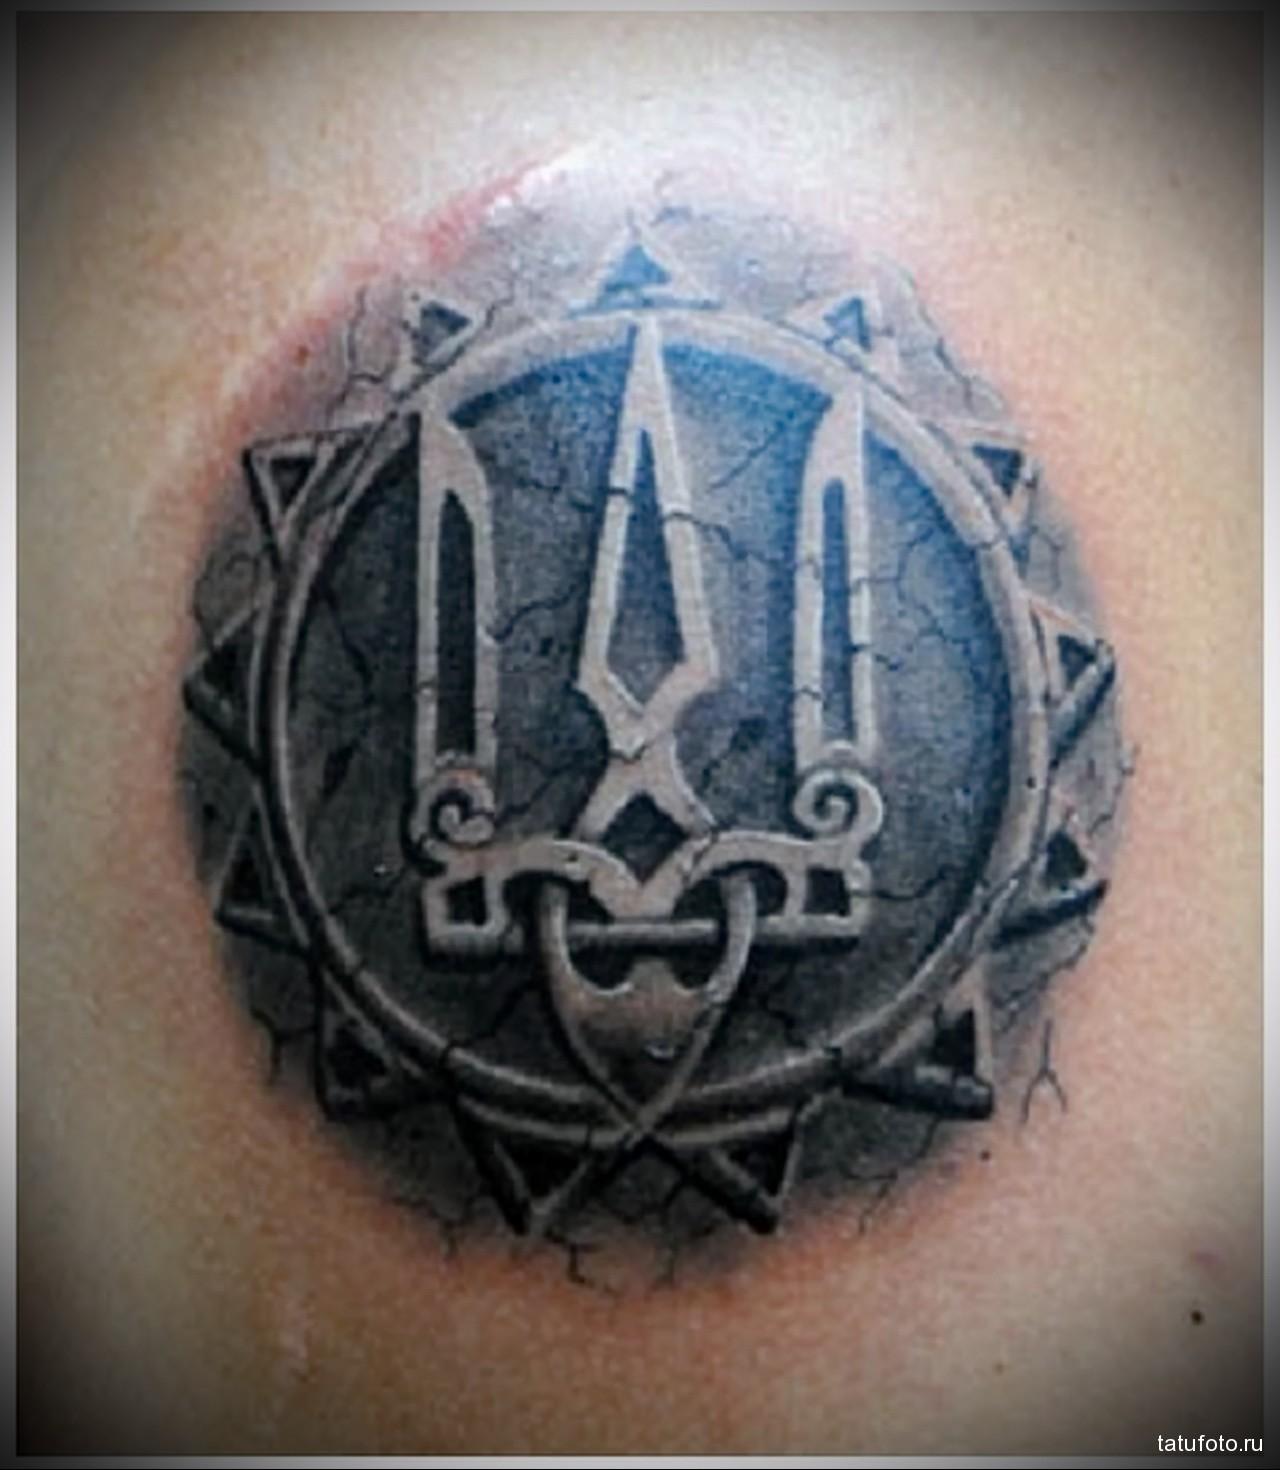 татуировка украинский тризубез (герб украины тату) - мужская татуировка на плече